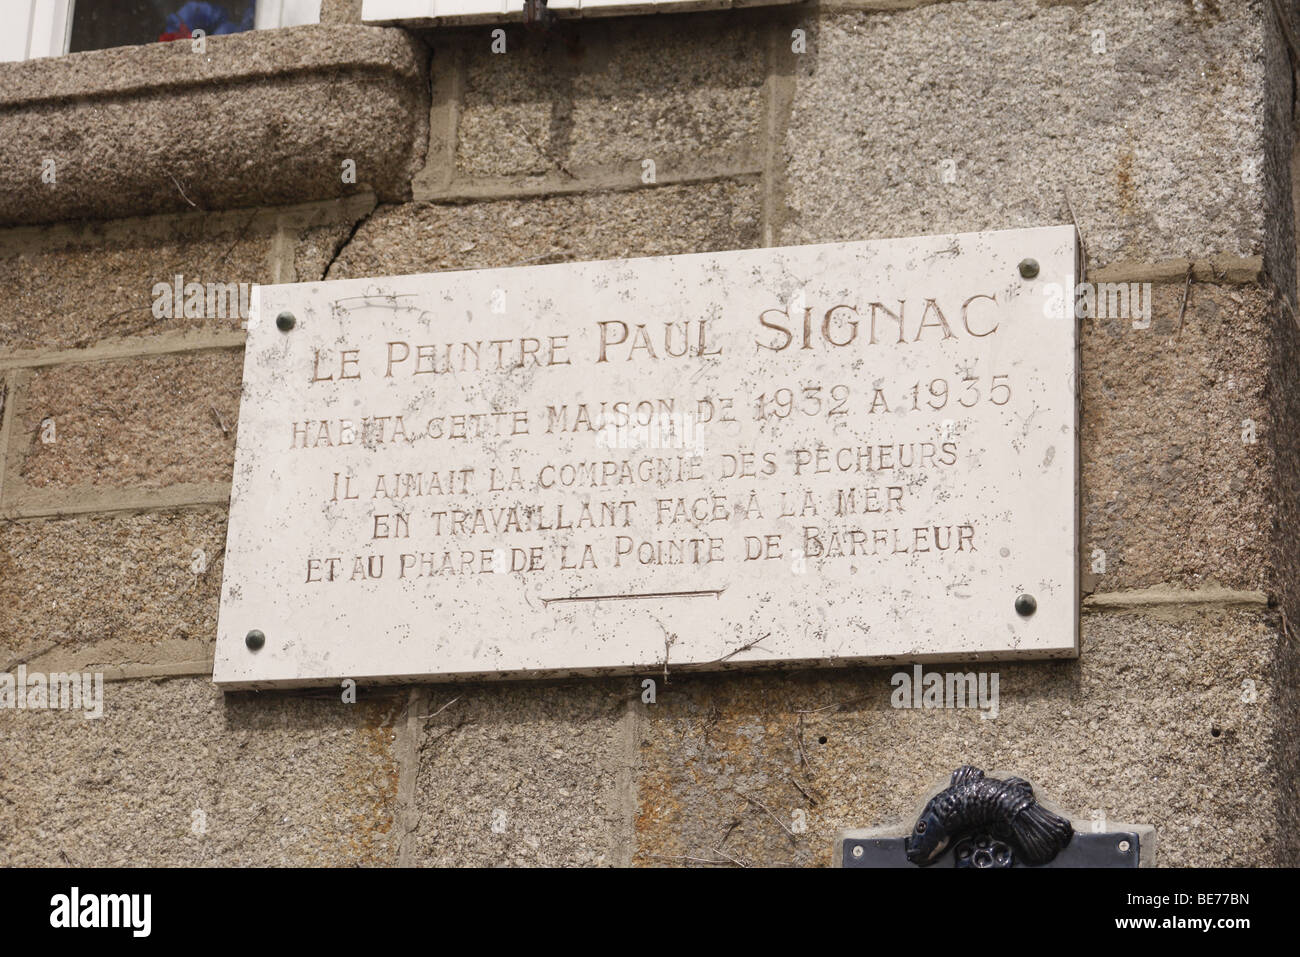 Placa en la casa en Barfleur en el que la artista Paul Signac vivió 1932-5 Foto de stock